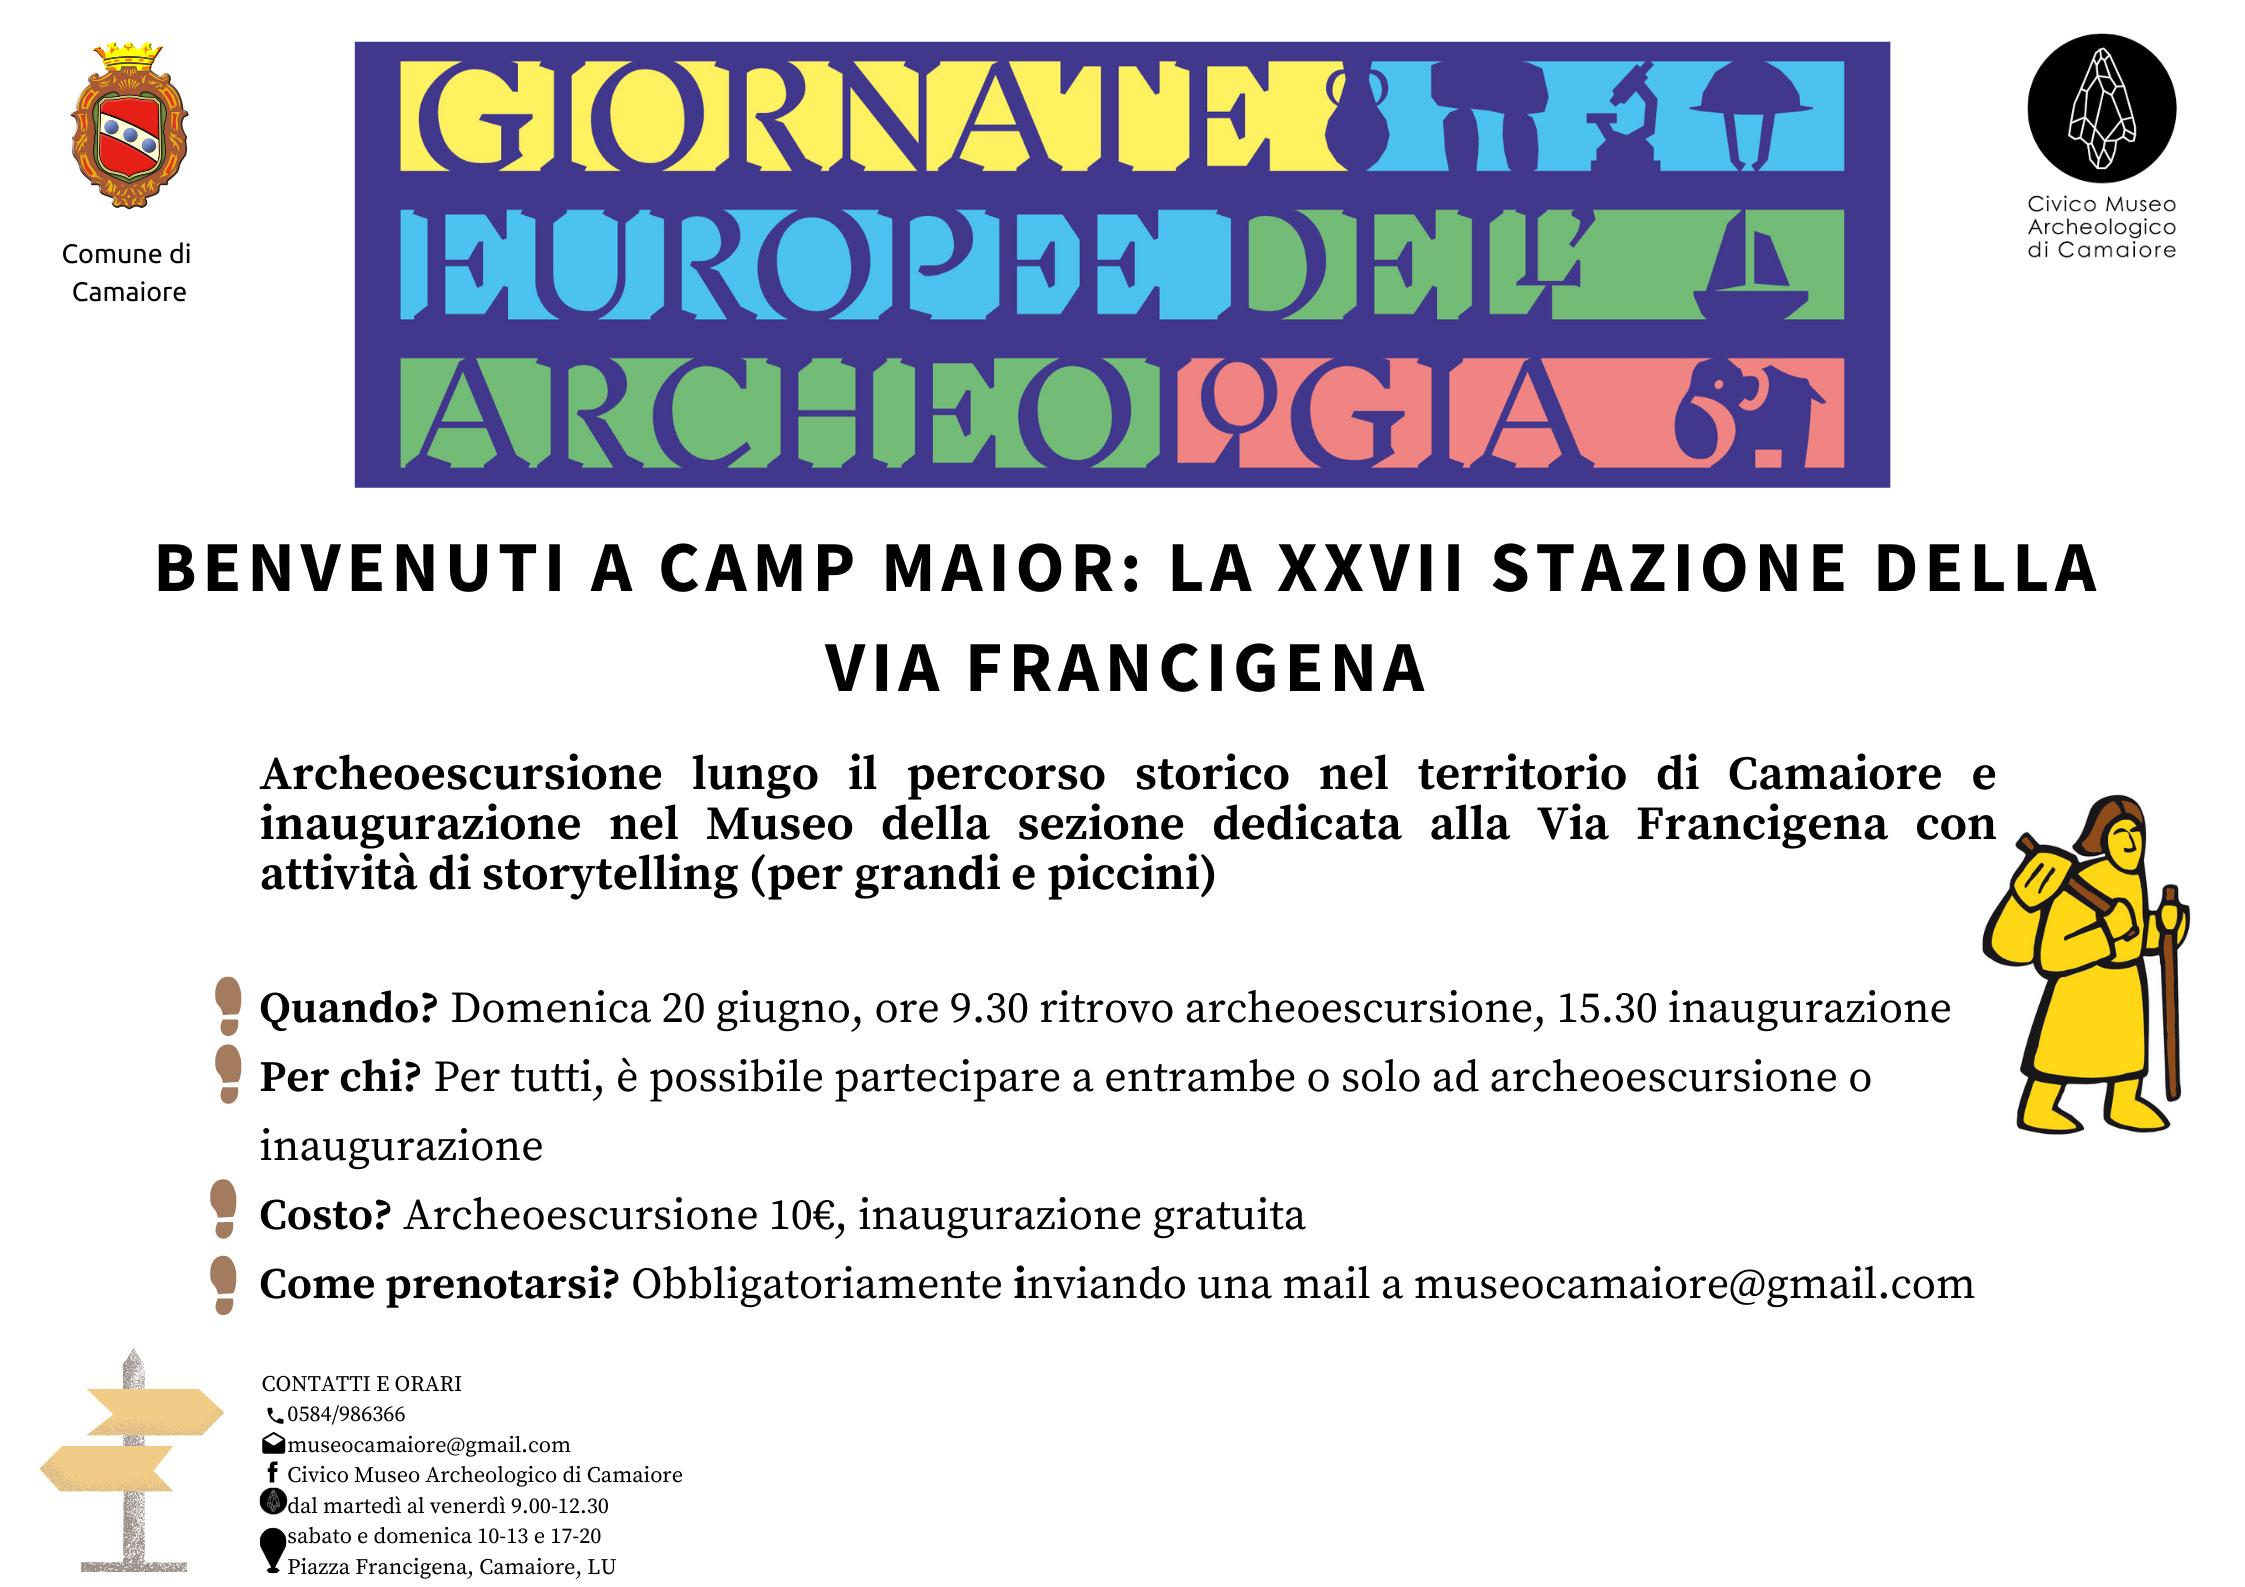 BENVENUTI A CAMP MAIOR: LA XXVII STAZIONE DELLA VIA FRANCIGENA - Archeoescursione domenica 20 giugno 2021